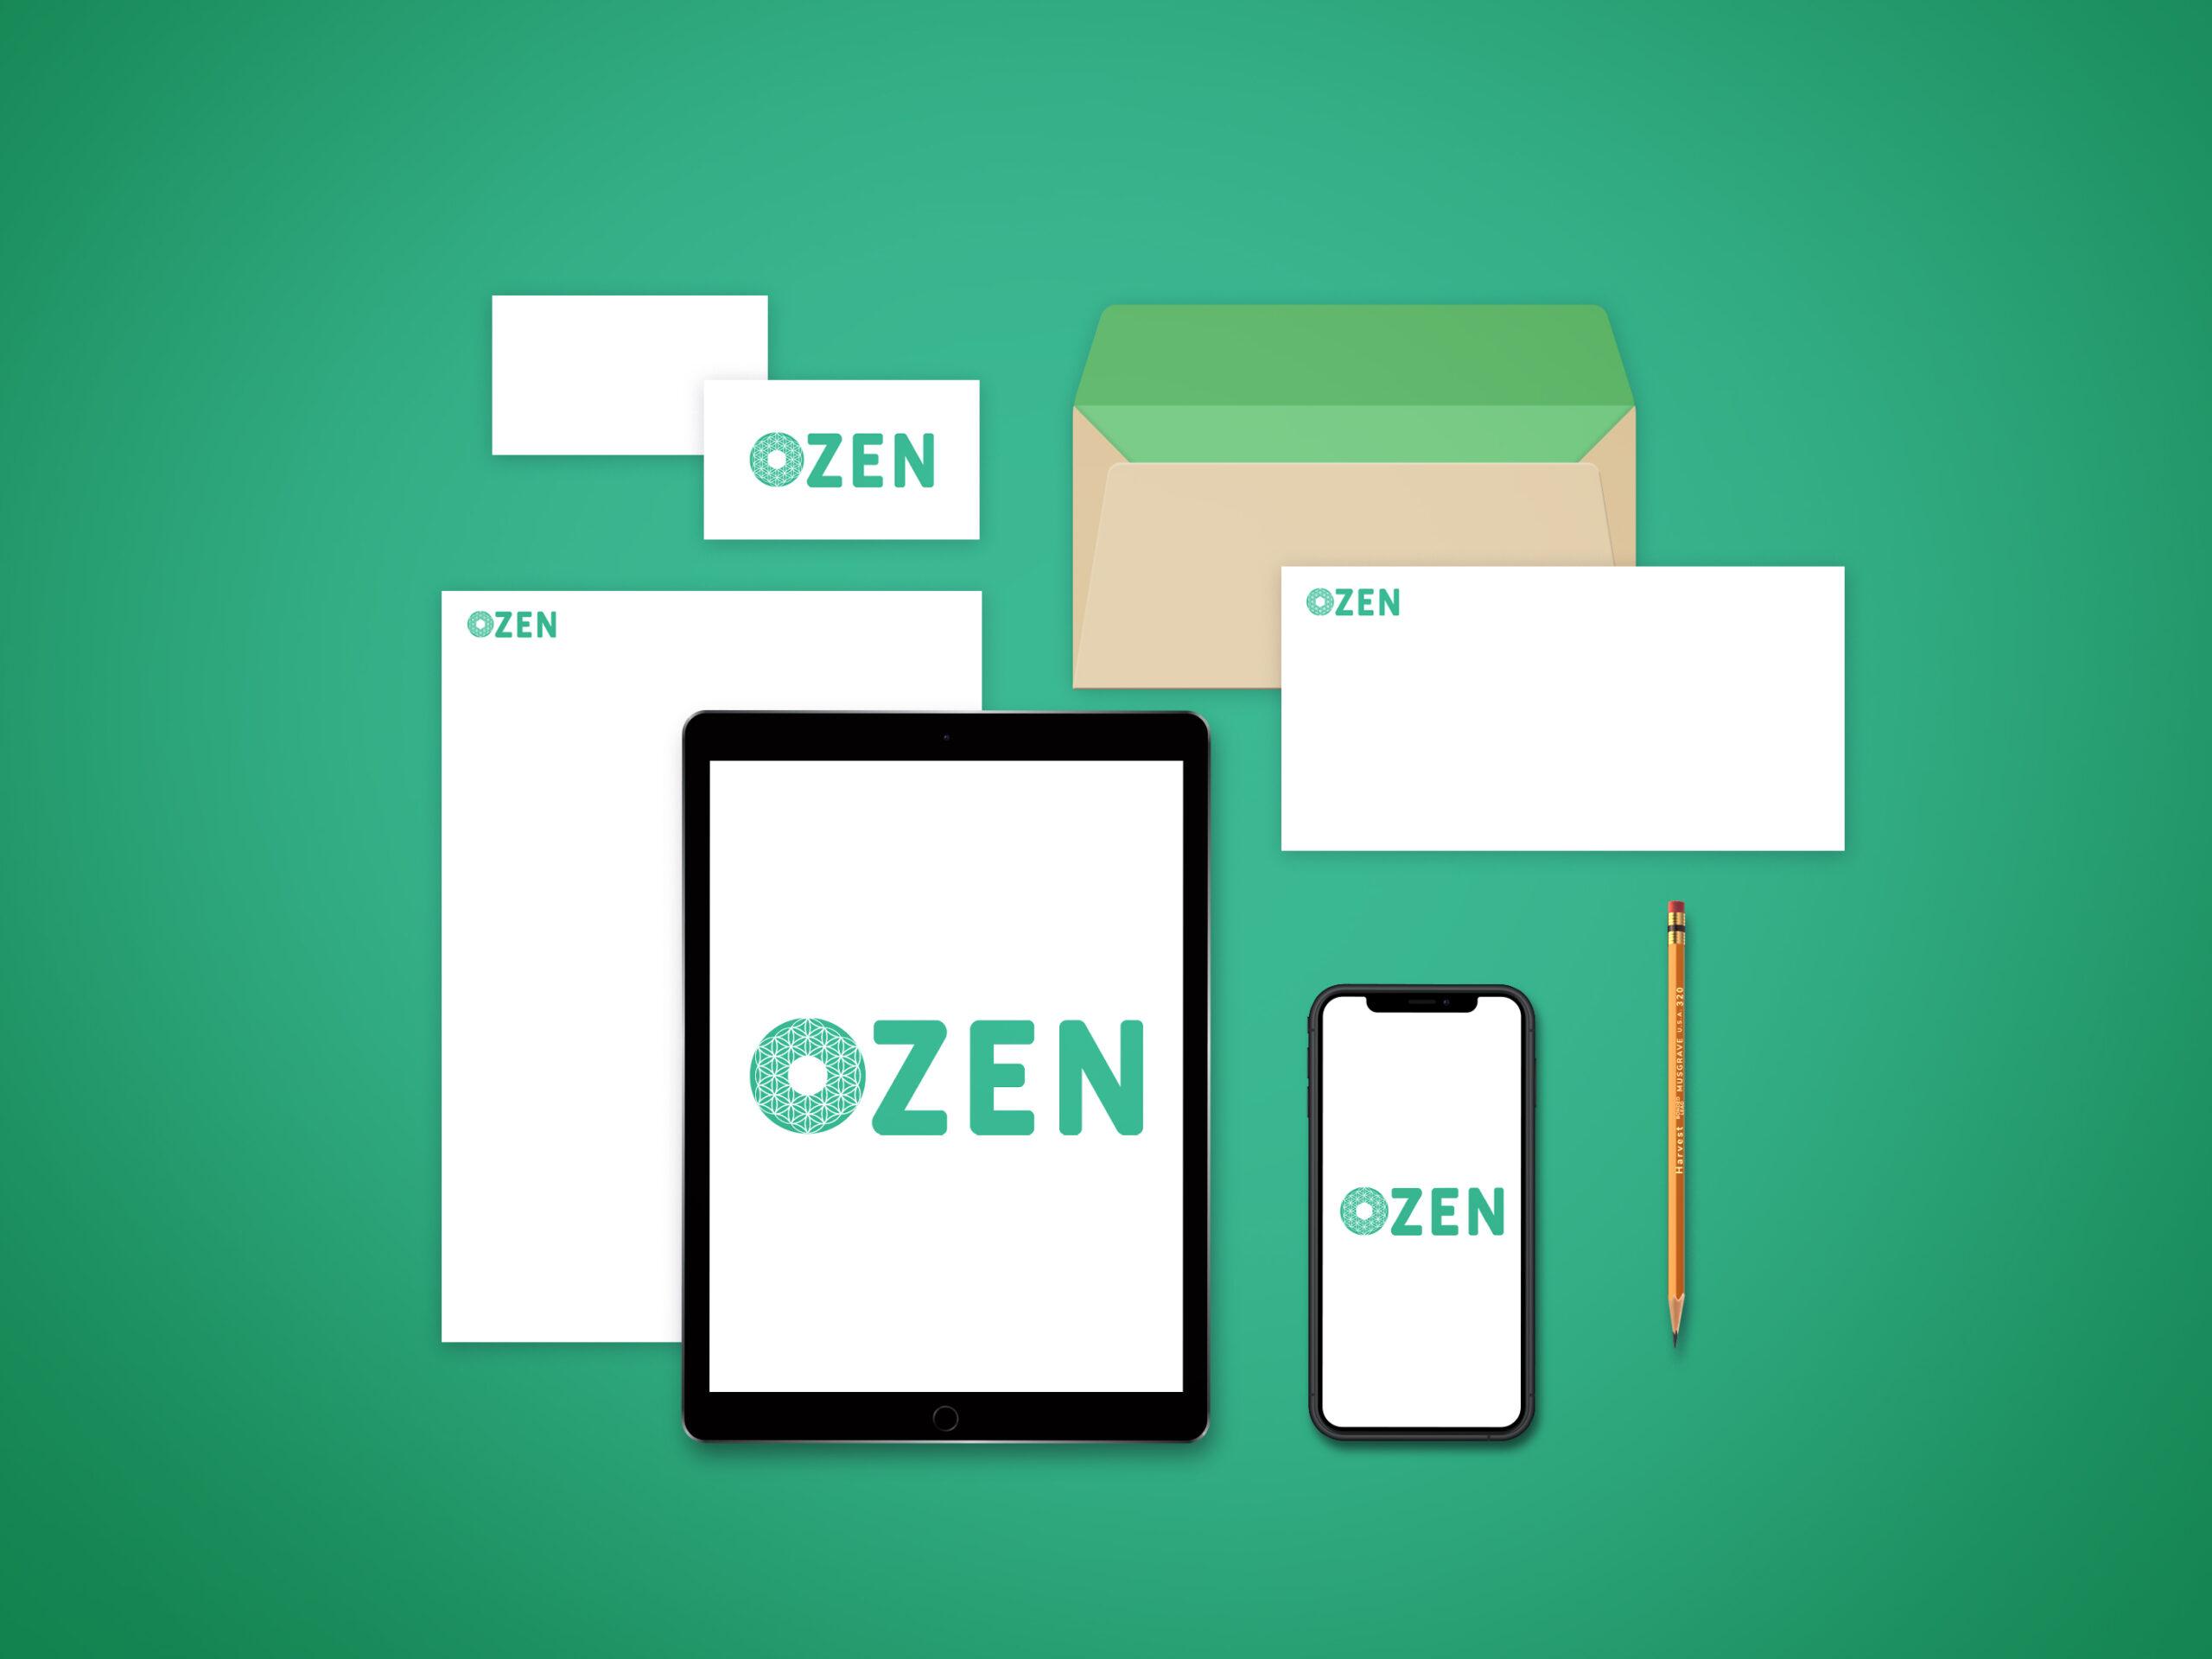 ozen création de logo zen